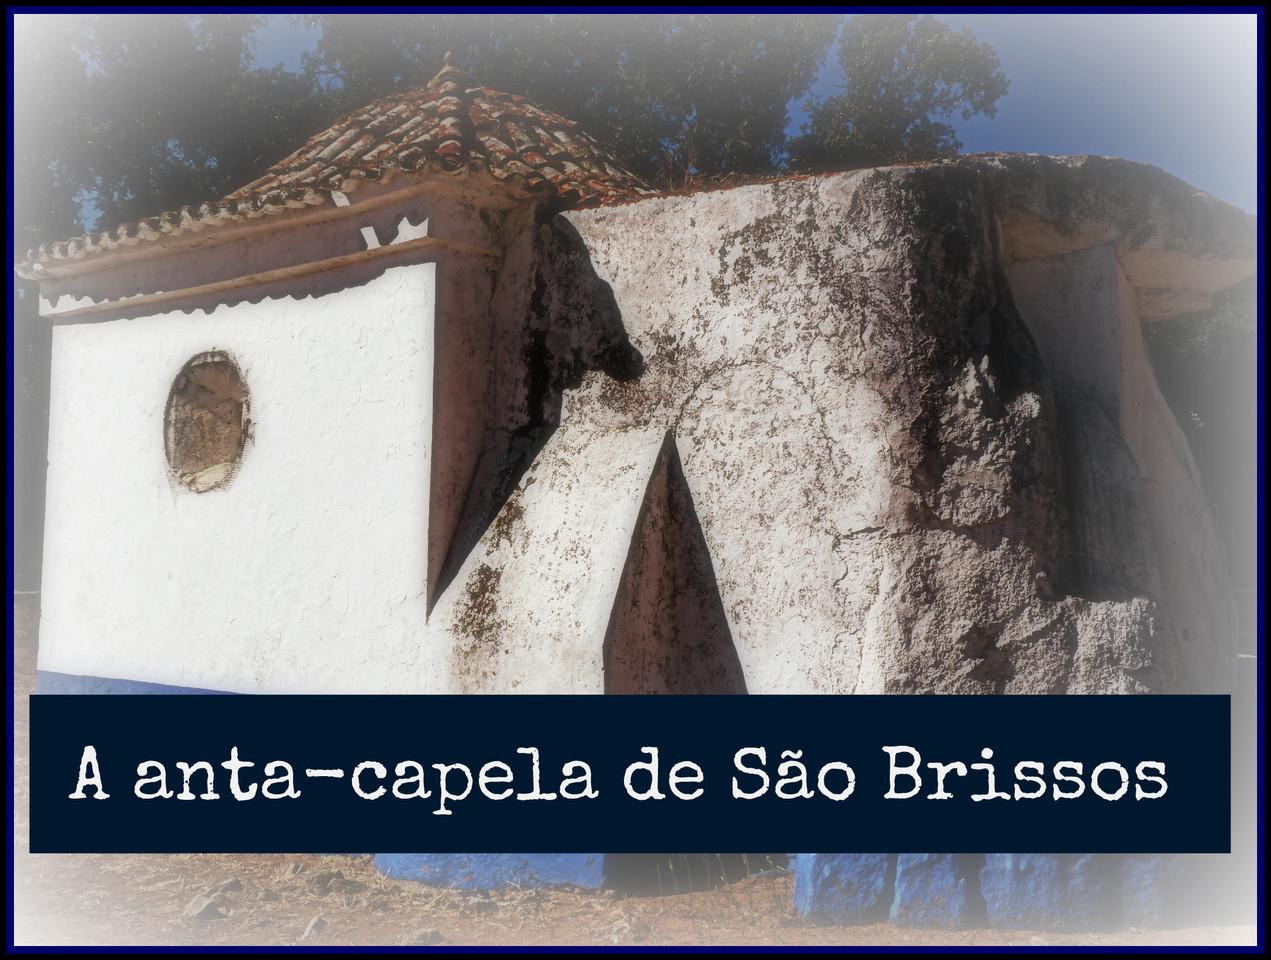 A anta-capela de São Brissos.jpg